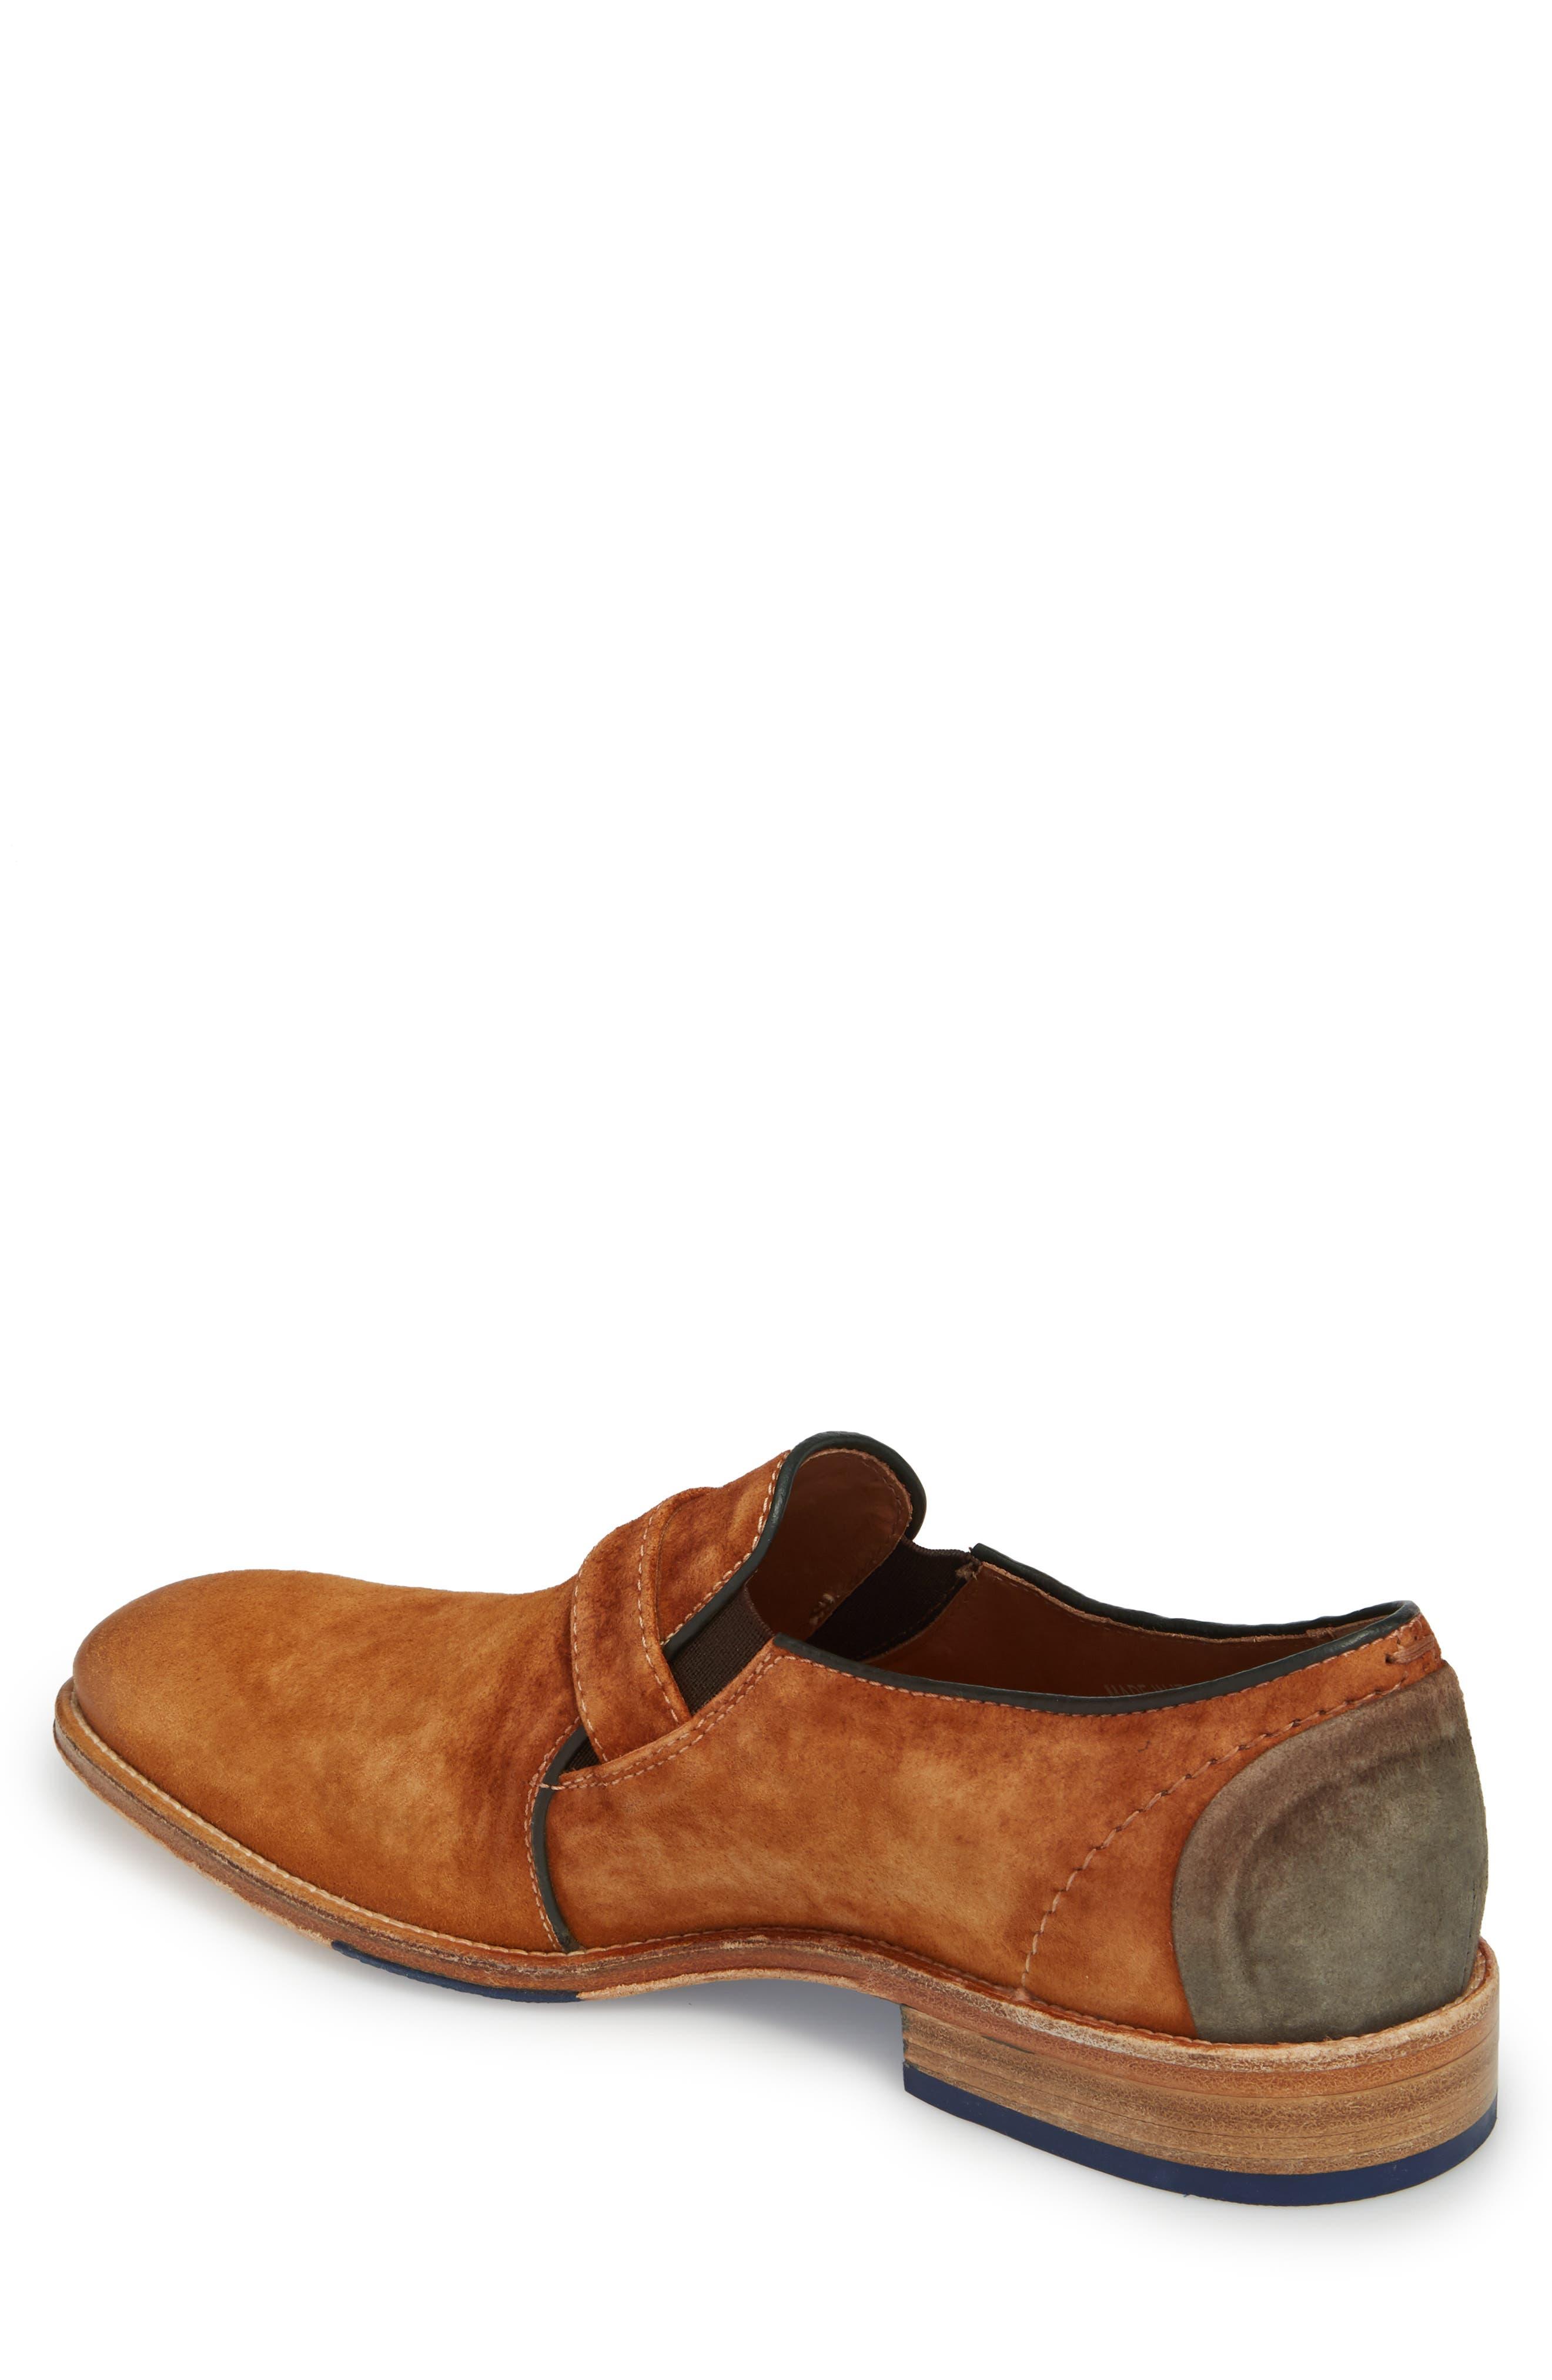 Alex Single Buckle Monk Shoe,                             Alternate thumbnail 2, color,